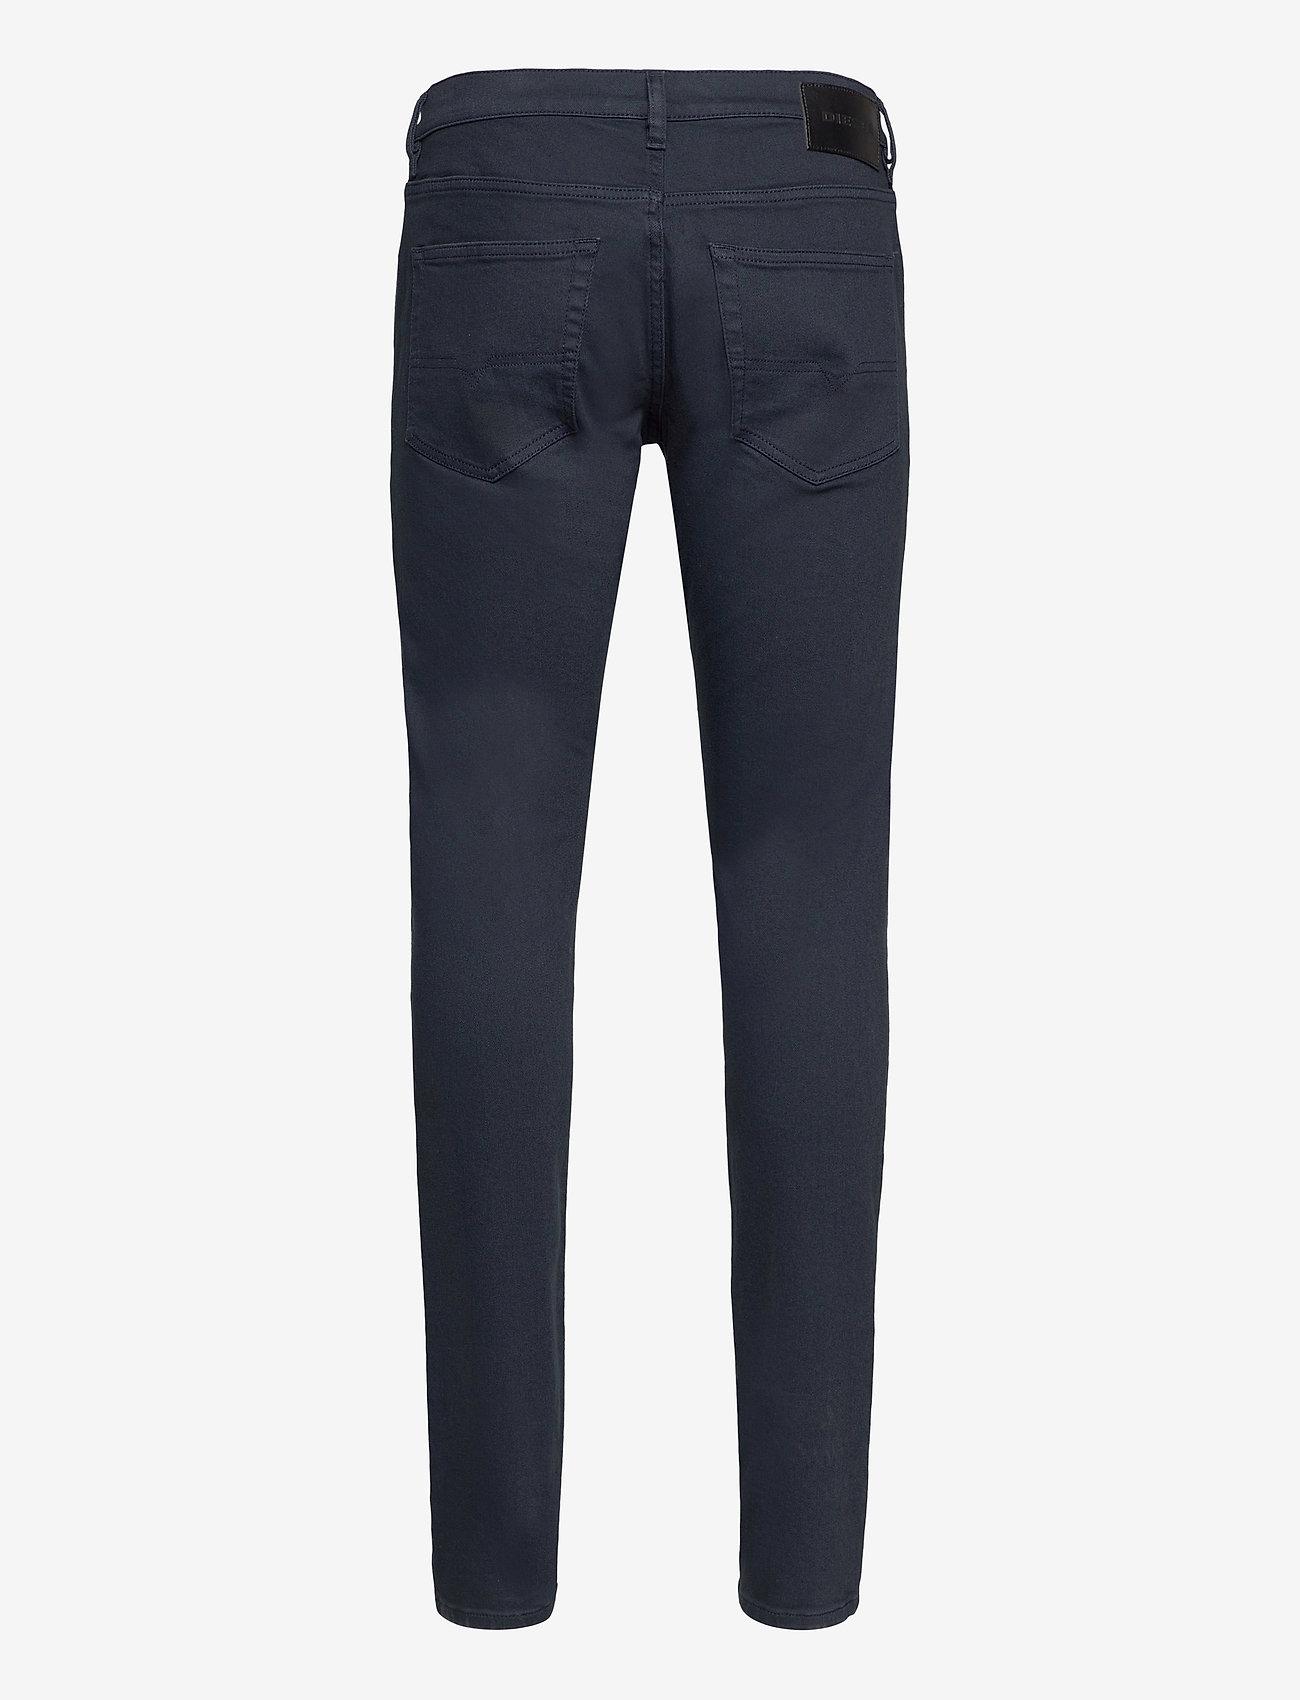 Diesel Men - D-LUSTER L.34 TROUSERS - slim jeans - blue nights - 1